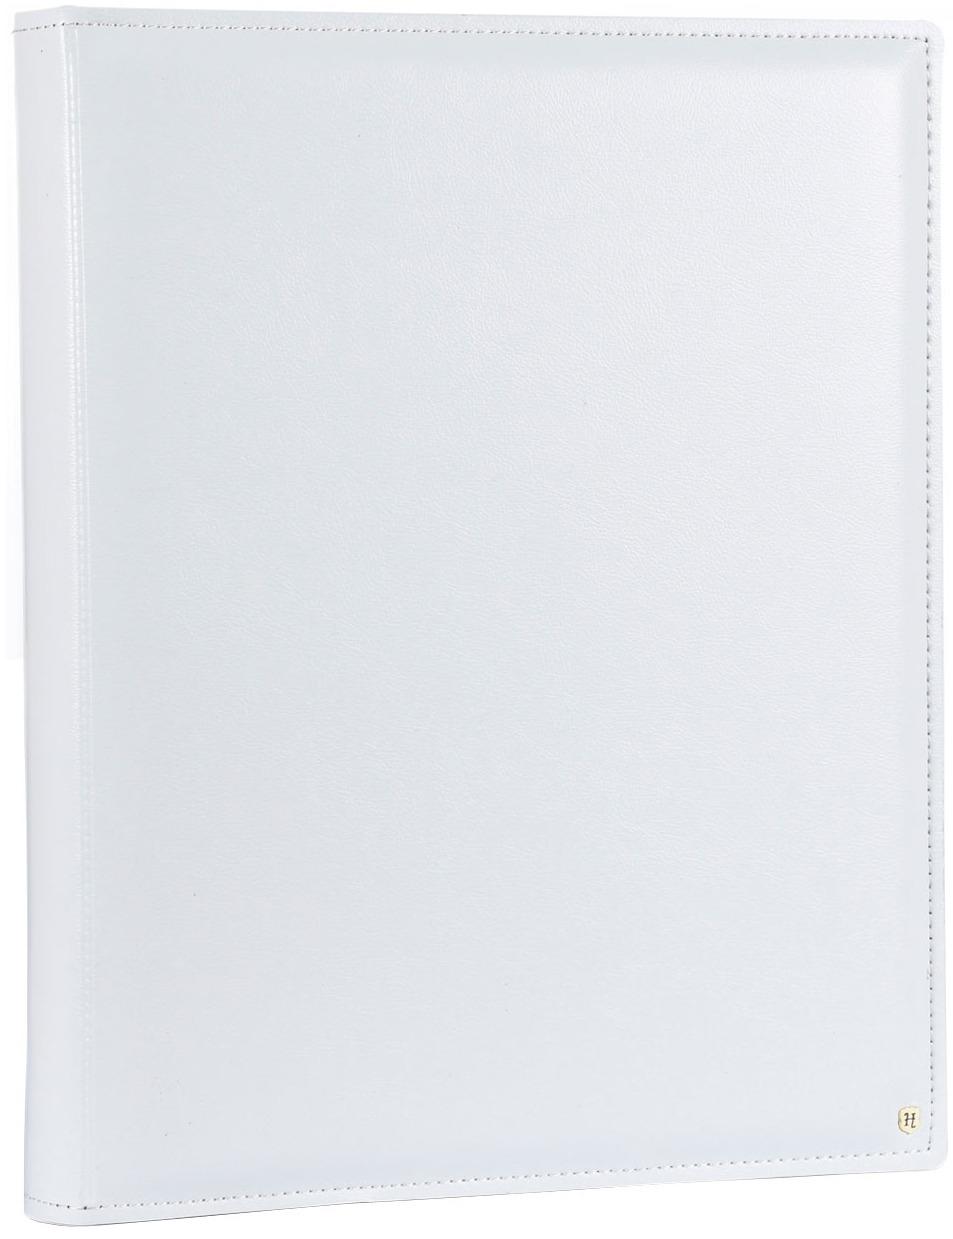 HENZO GRAND CARA klasické/80  bílých stran, 34,5x43 bílé listy, bílé